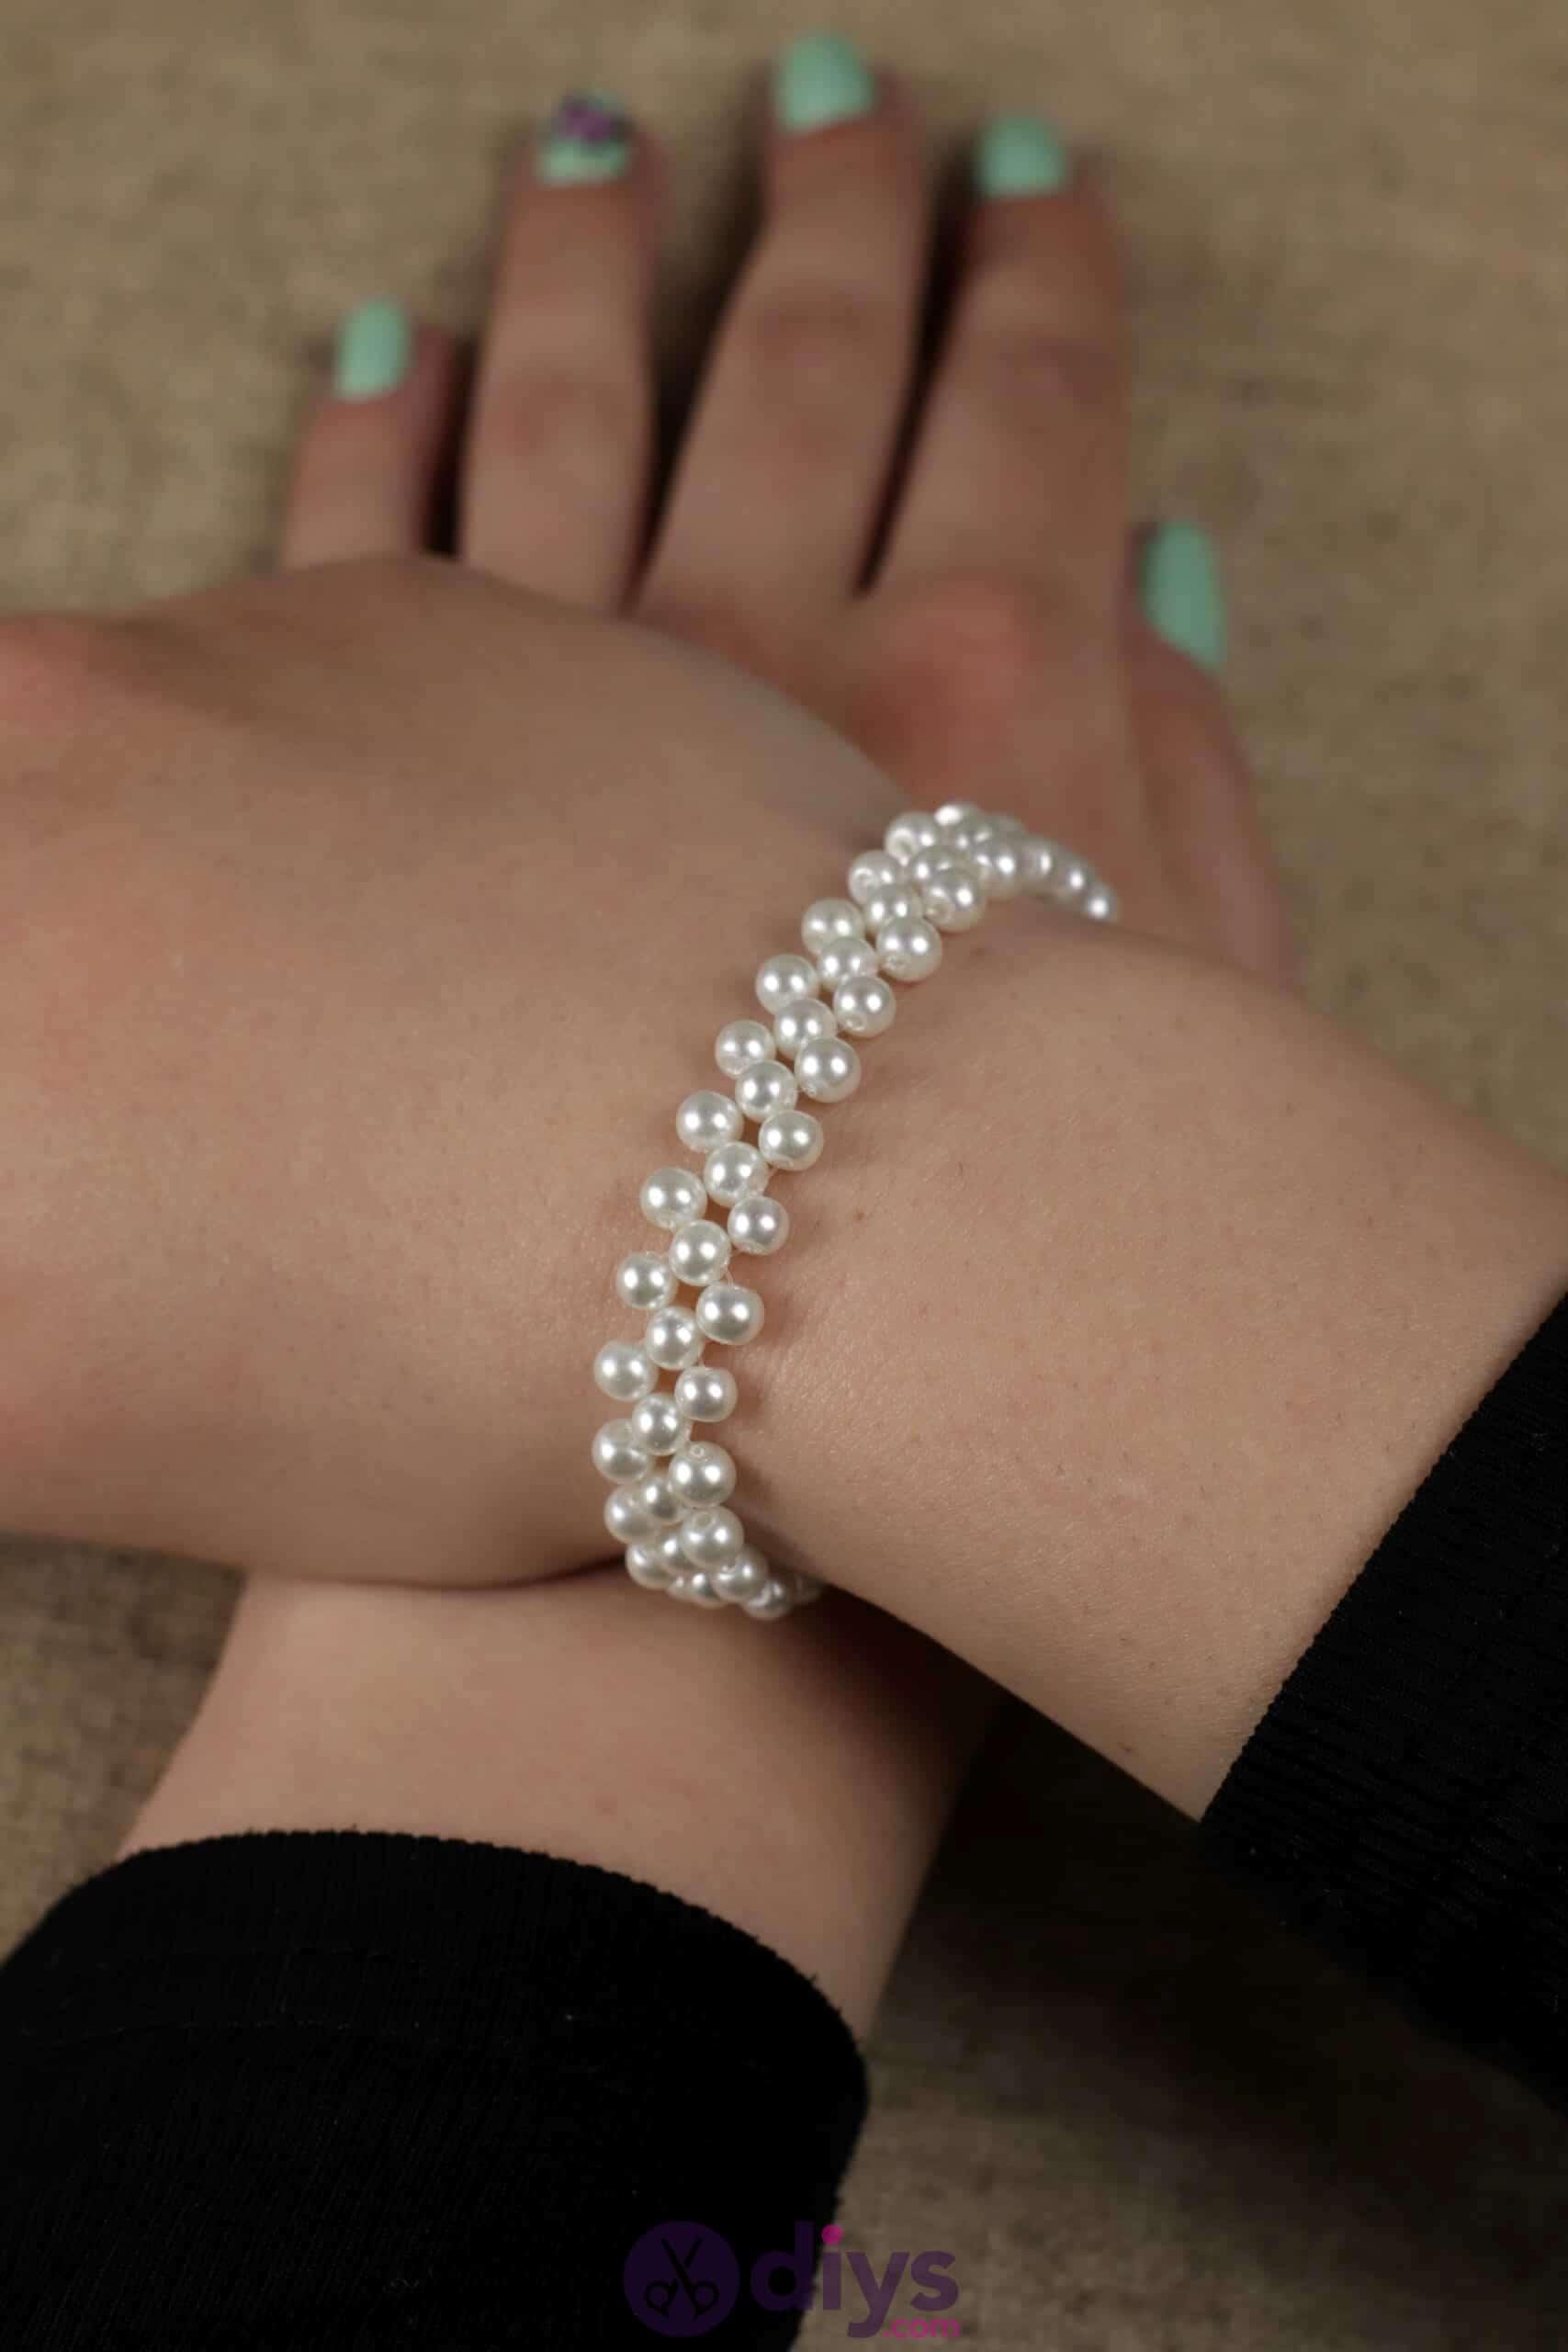 Diy elegant white beads bracelet hands